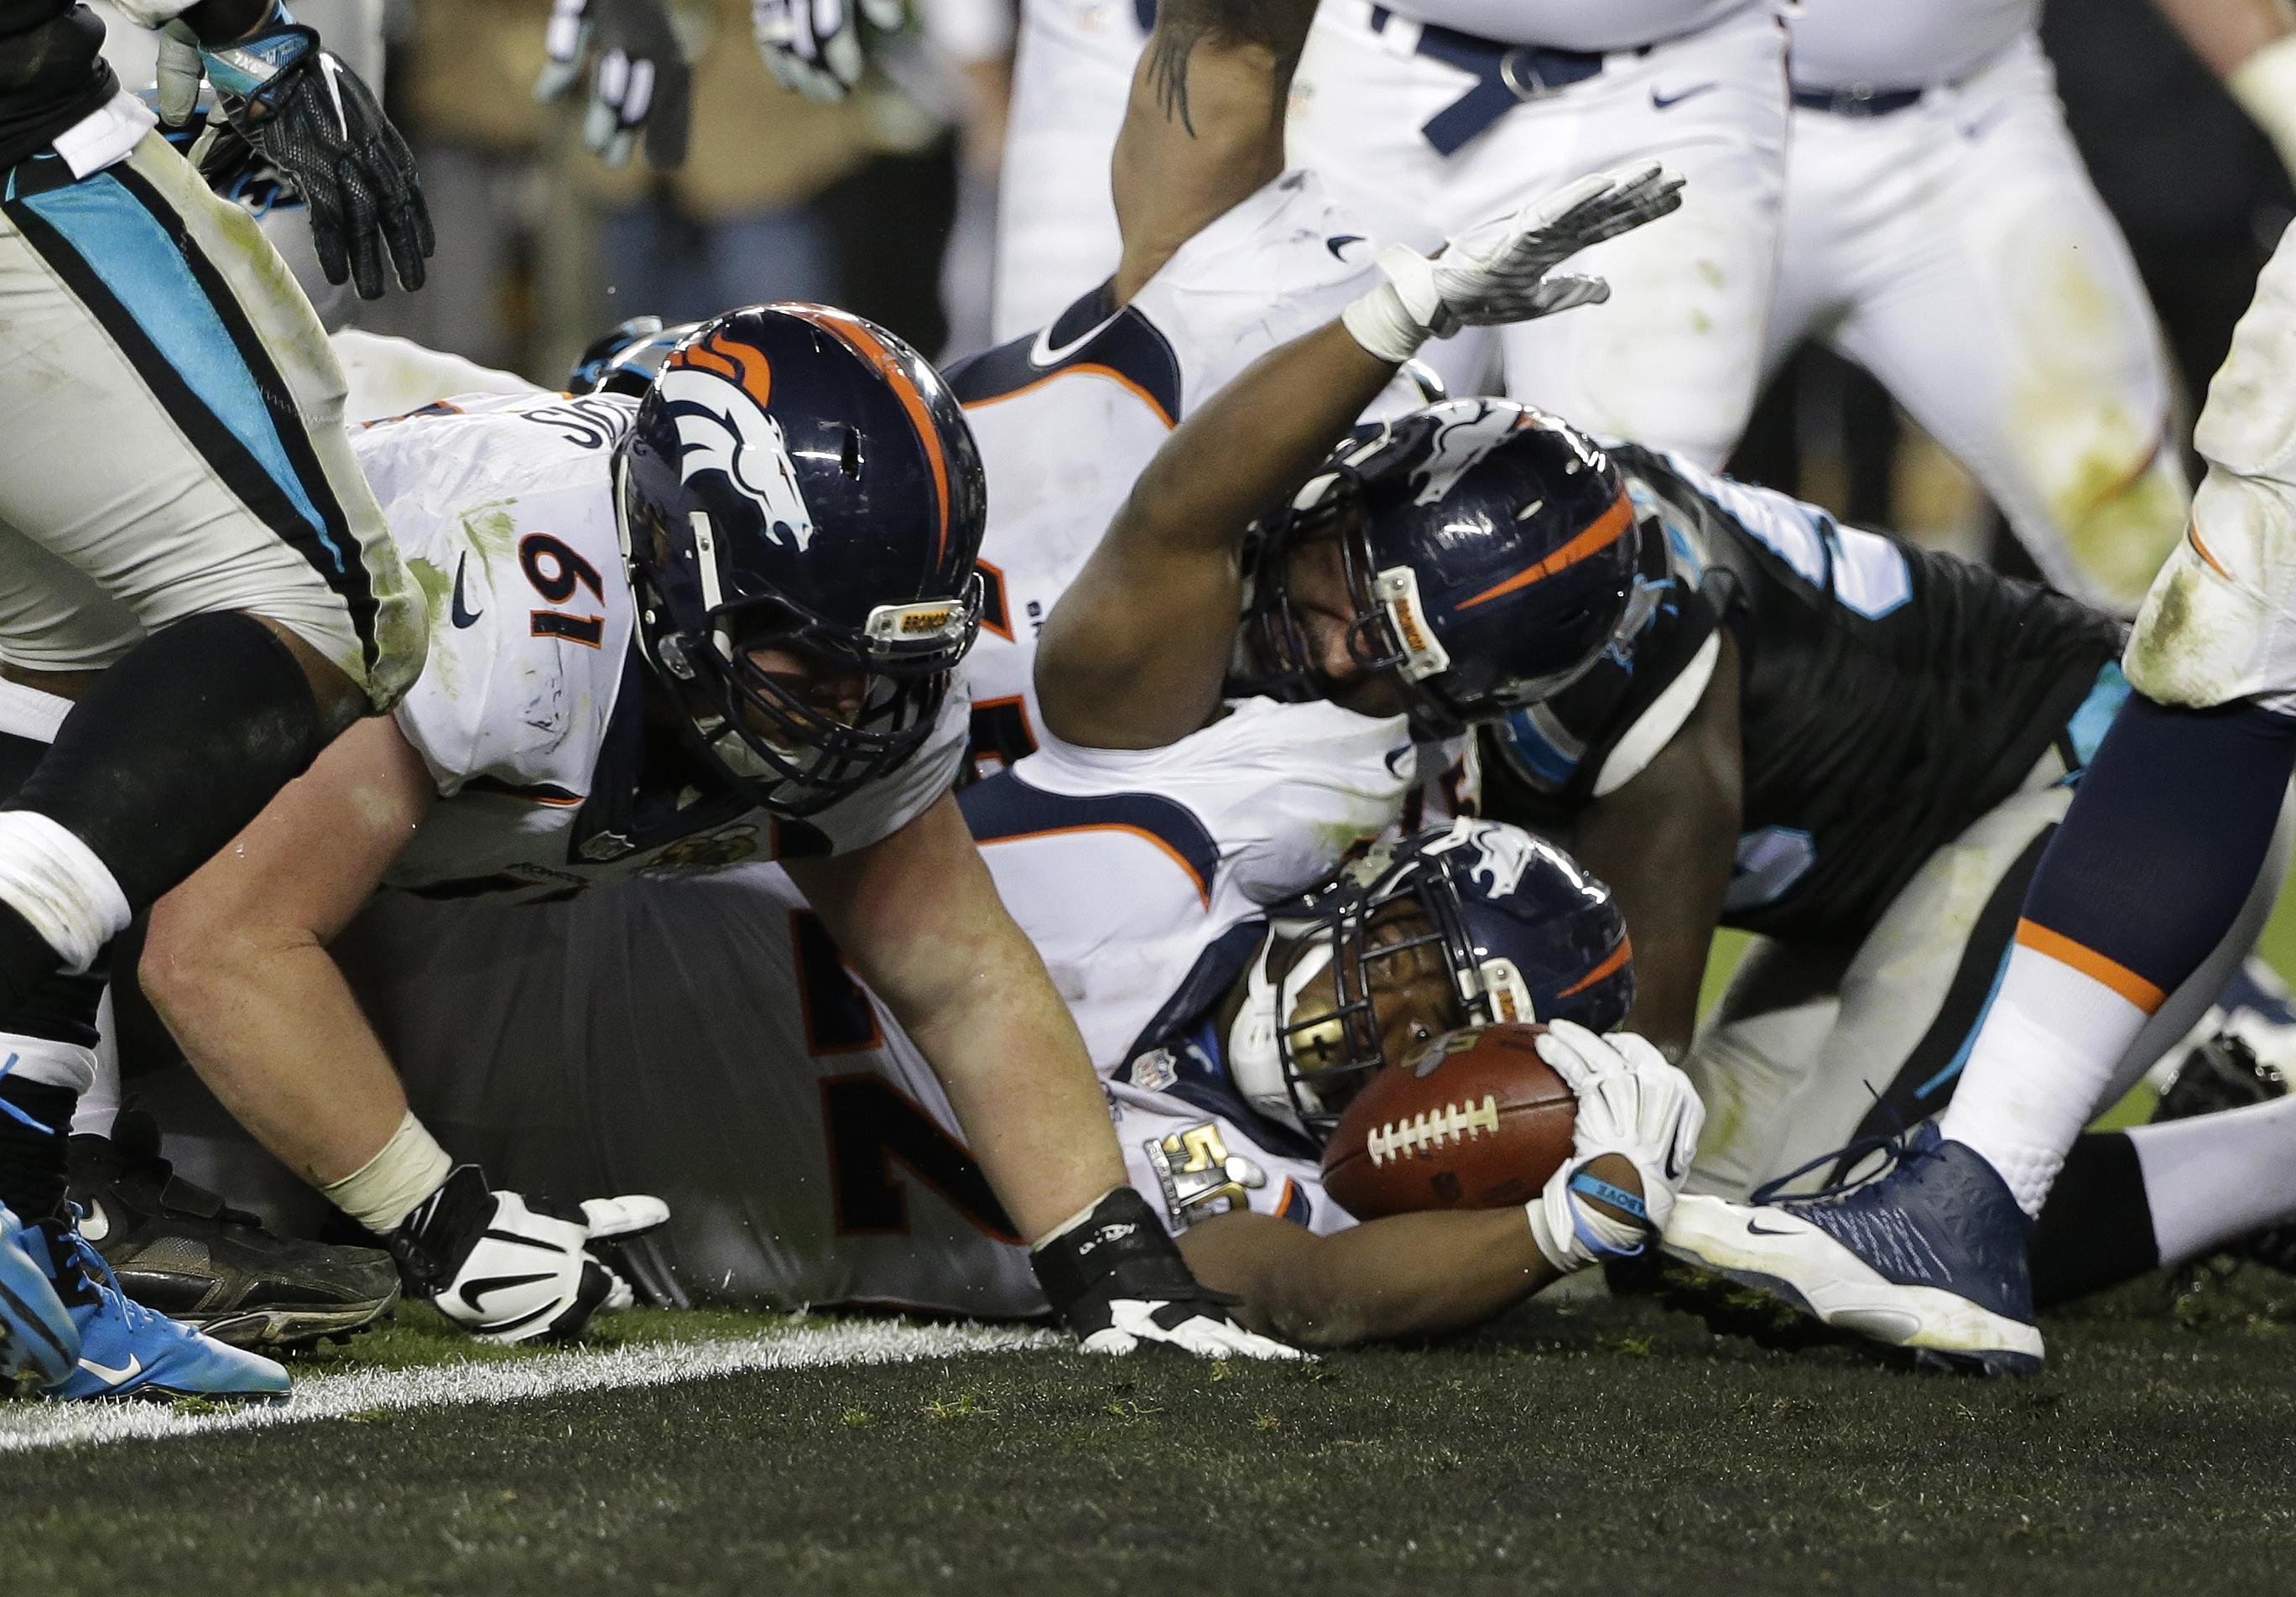 Photo: Broncos' C.J. Anderson scores a touchdown, Super Bowl 50 (AP8)